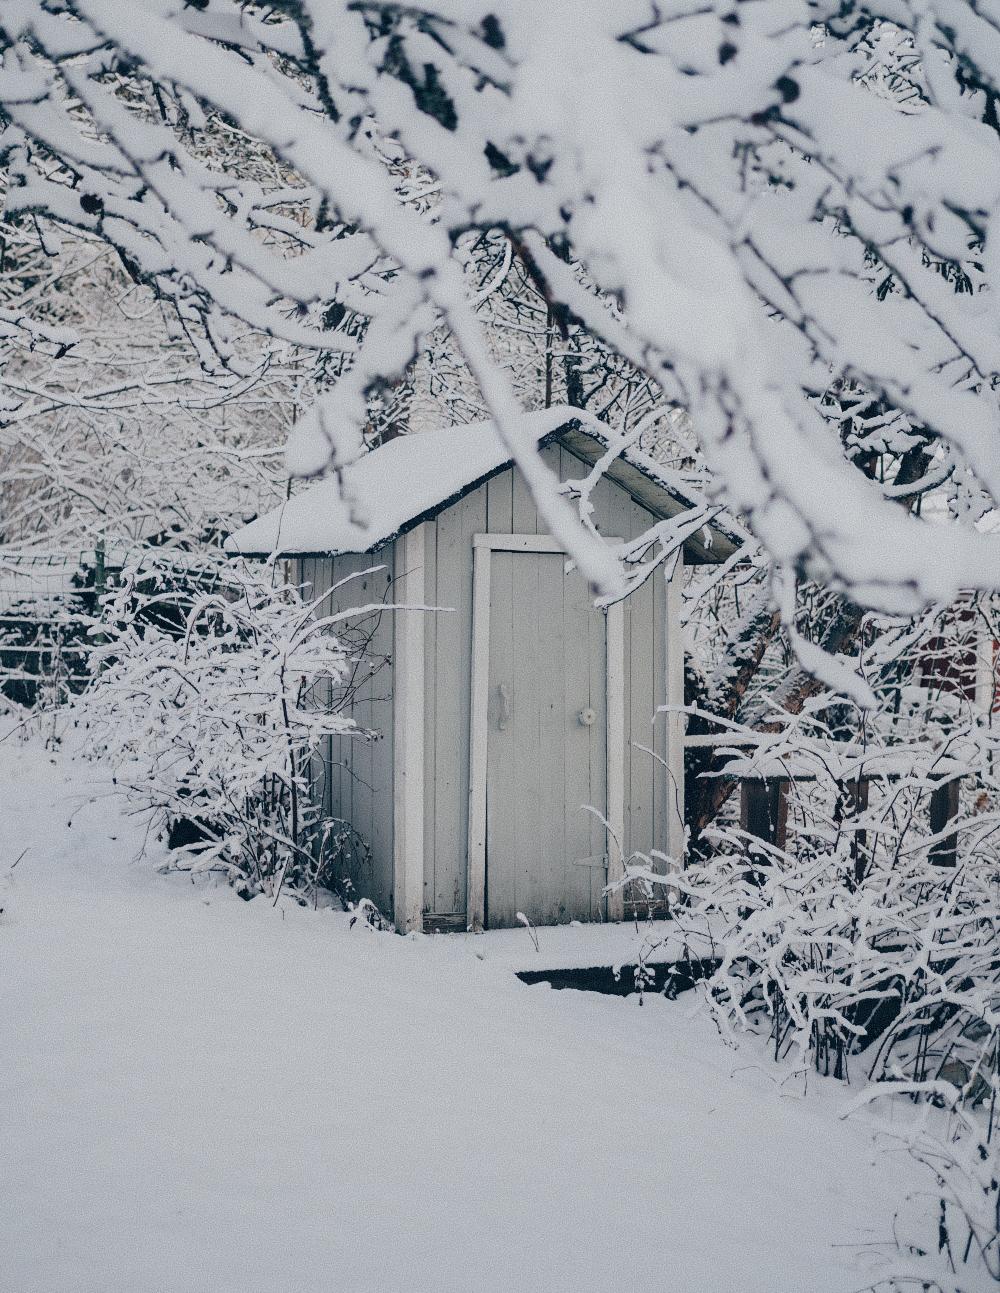 Talvi ja joulukuu saapuivat samaan aikaan!